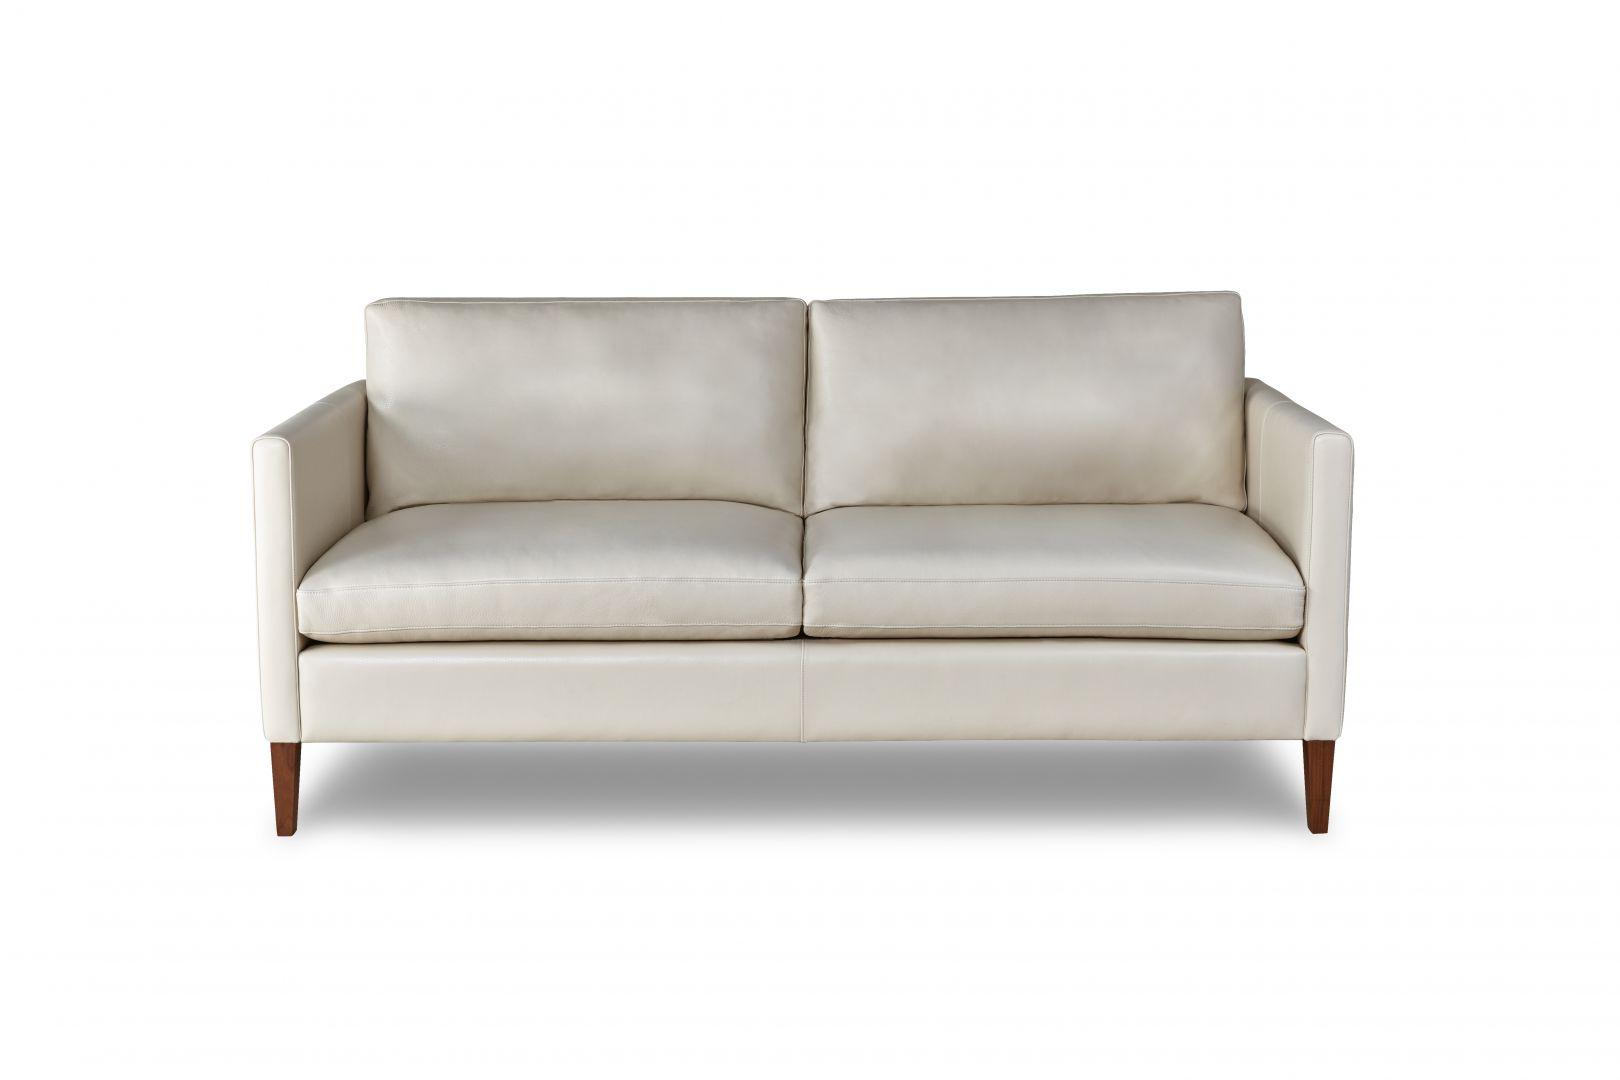 white leather wood sofa dark grey corner sofabed milo the century house madison wi